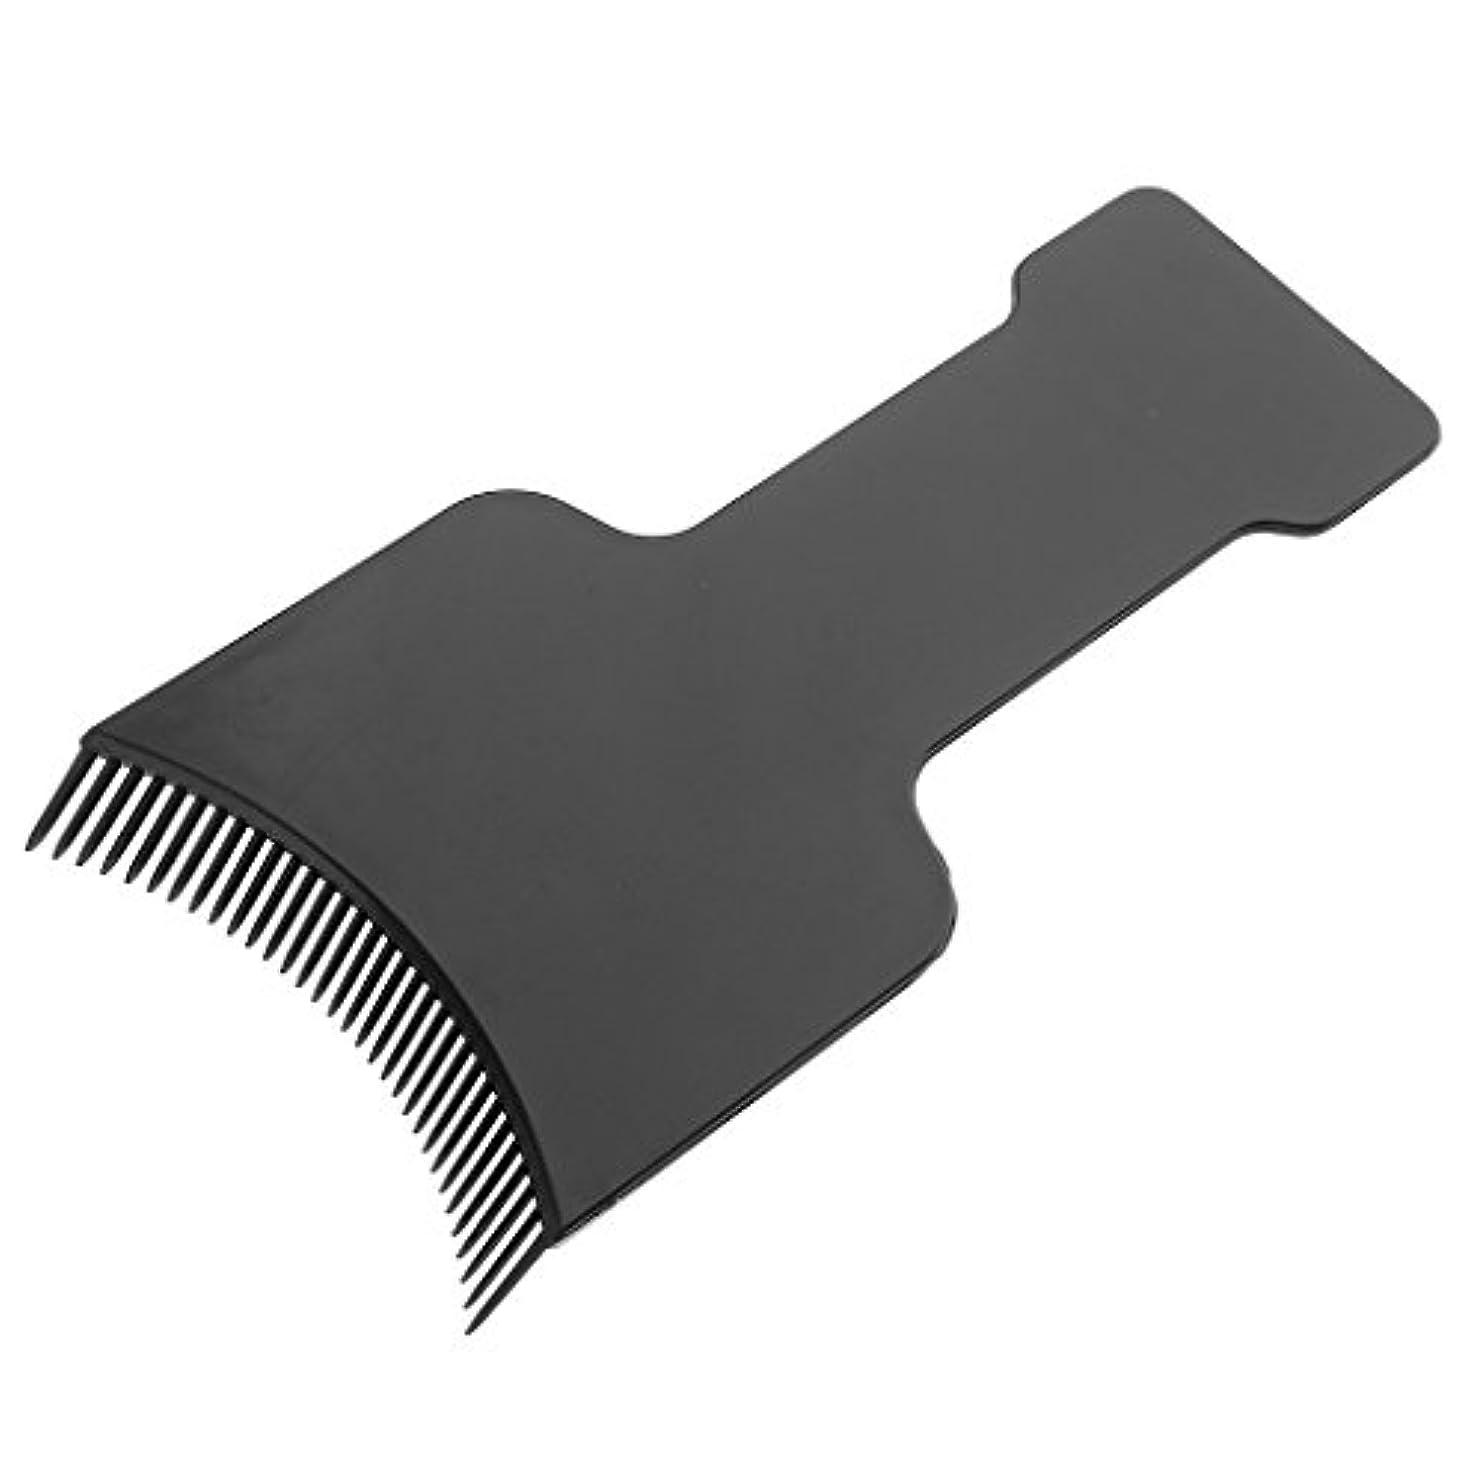 アルカイックばかレンチFenteer ヘアカラー ボード 髪 染色 ツール ブラック 全4サイズ - S